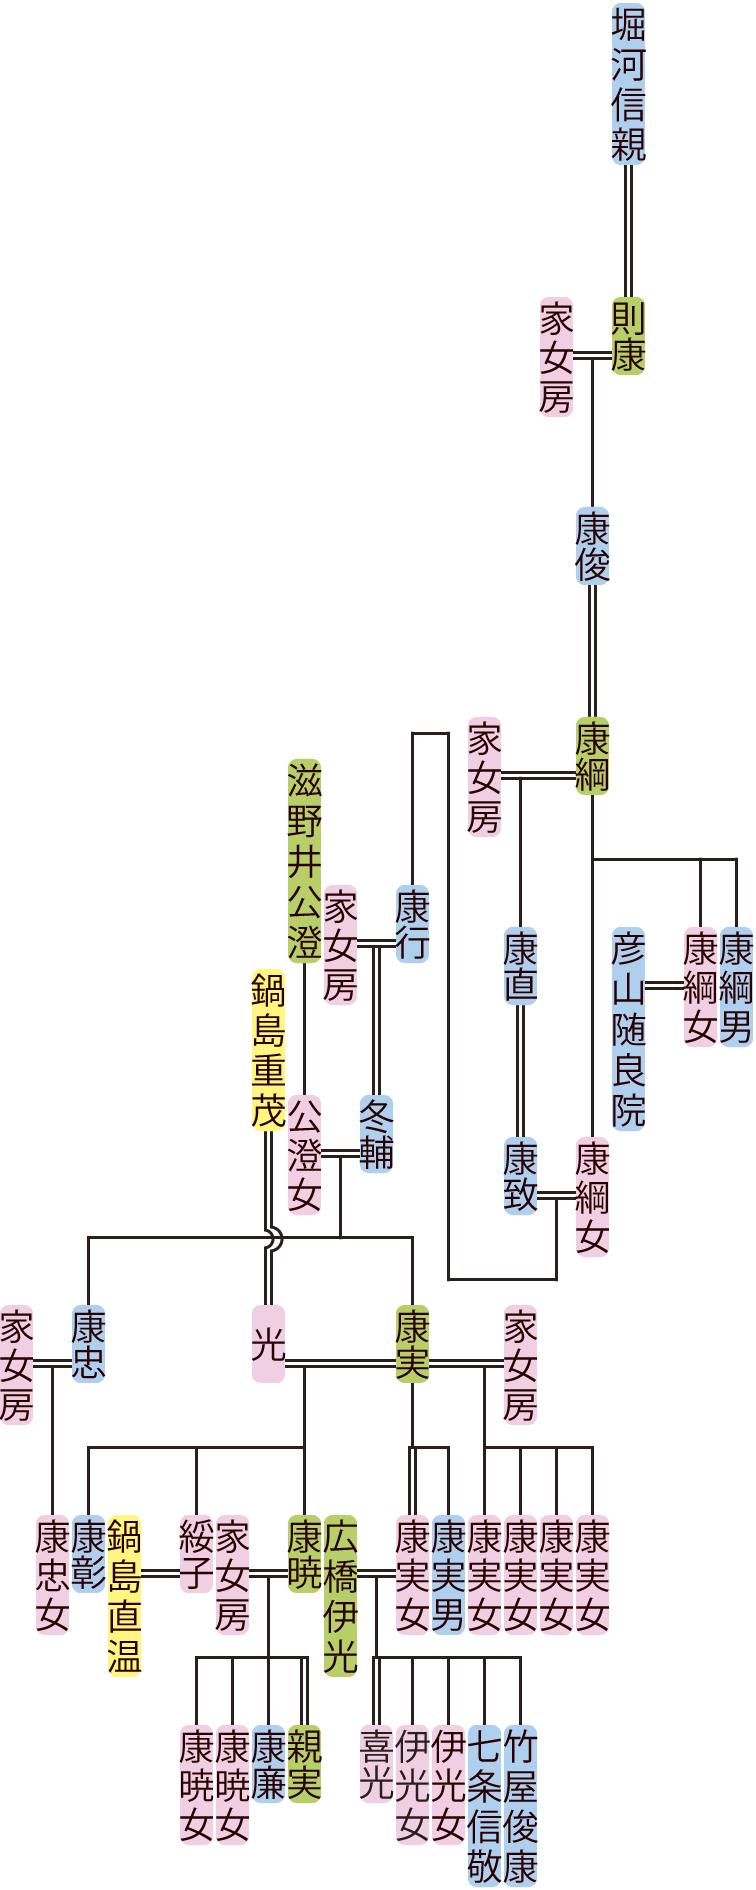 堀河康俊~康実の系図